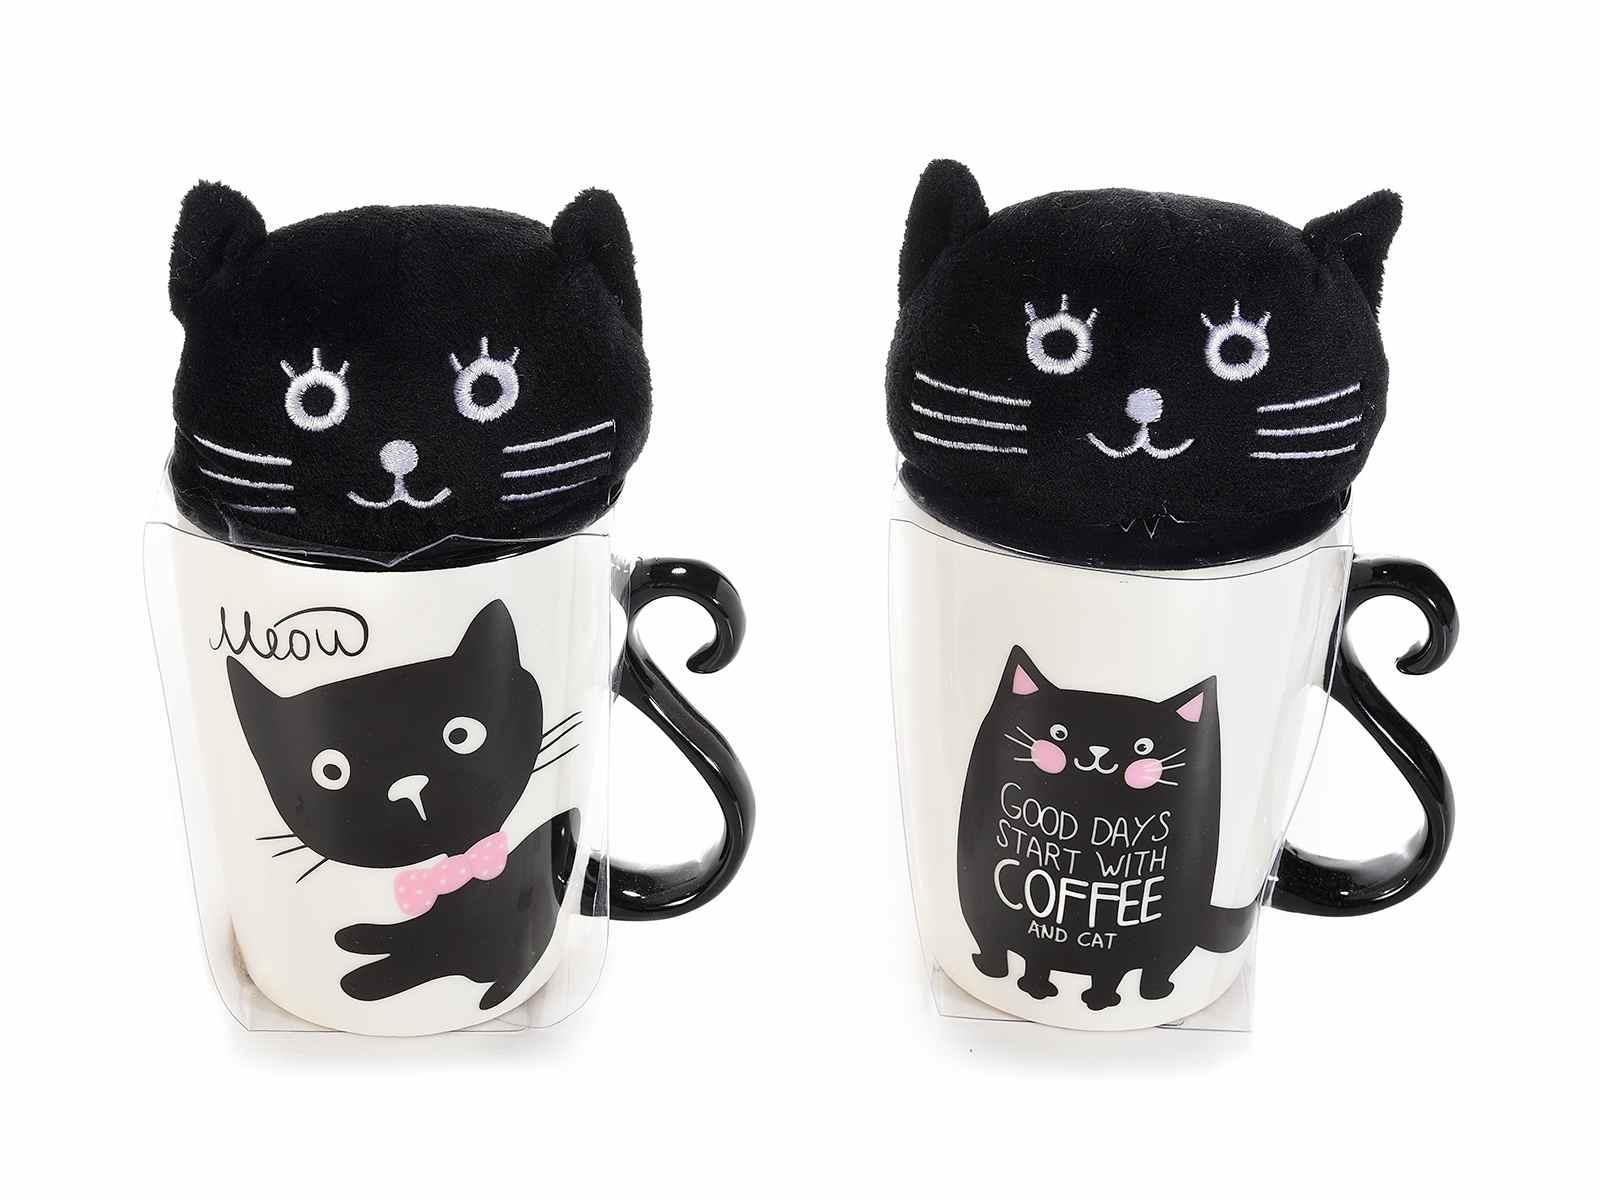 Tazza mug con disegnato un gattino e un peluche gattoso(720528)